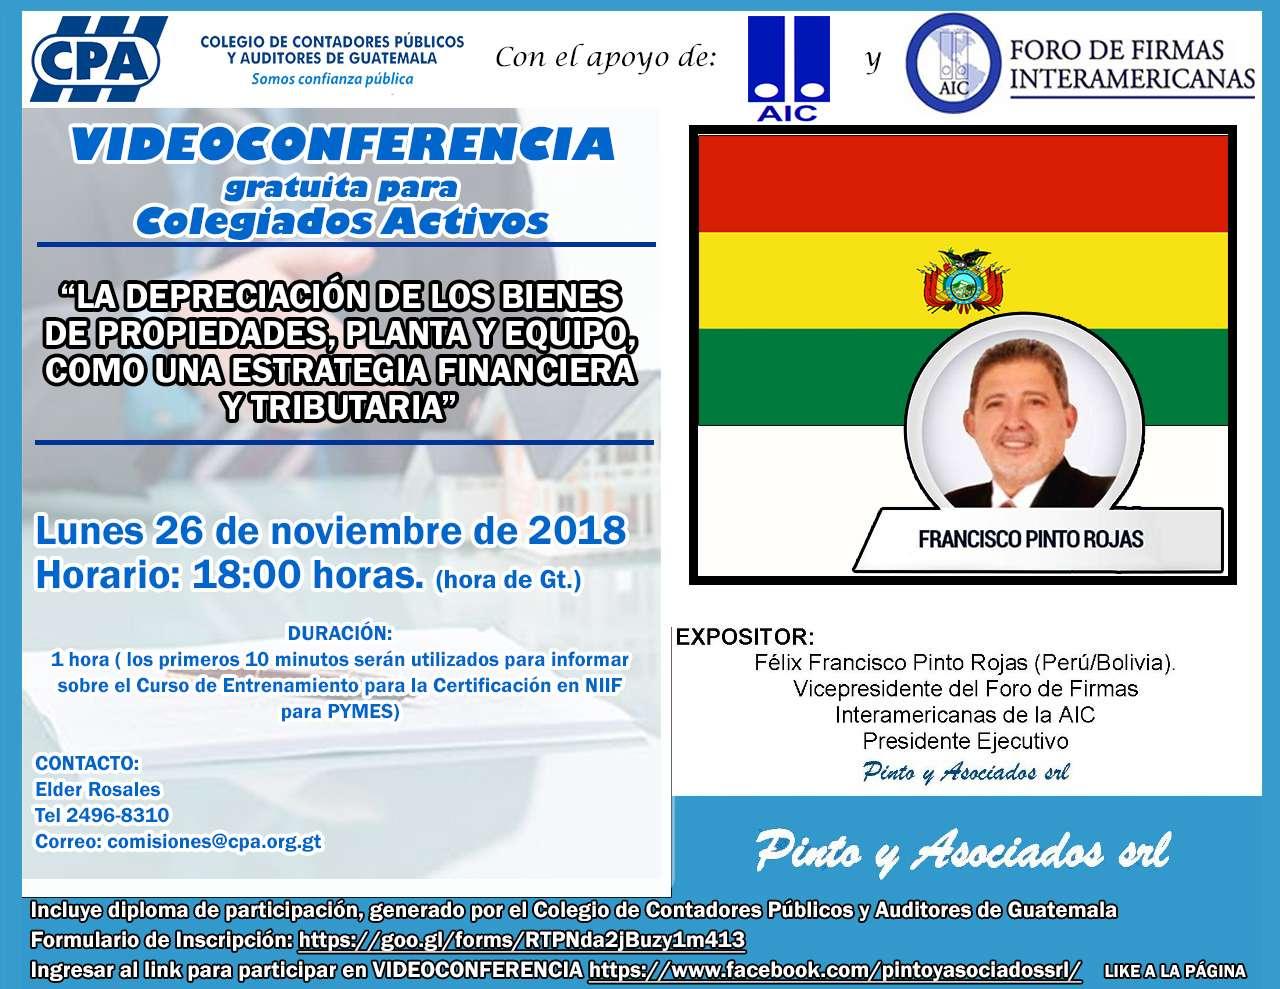 Videoconferencia «LA DEPRECIACIÓN DE LOS BIENES DE PROPIEDADES, PLANTA Y EQUIPO COMO UNA ESTRATEGIA FINANCIERA Y TRIBUTARIA»